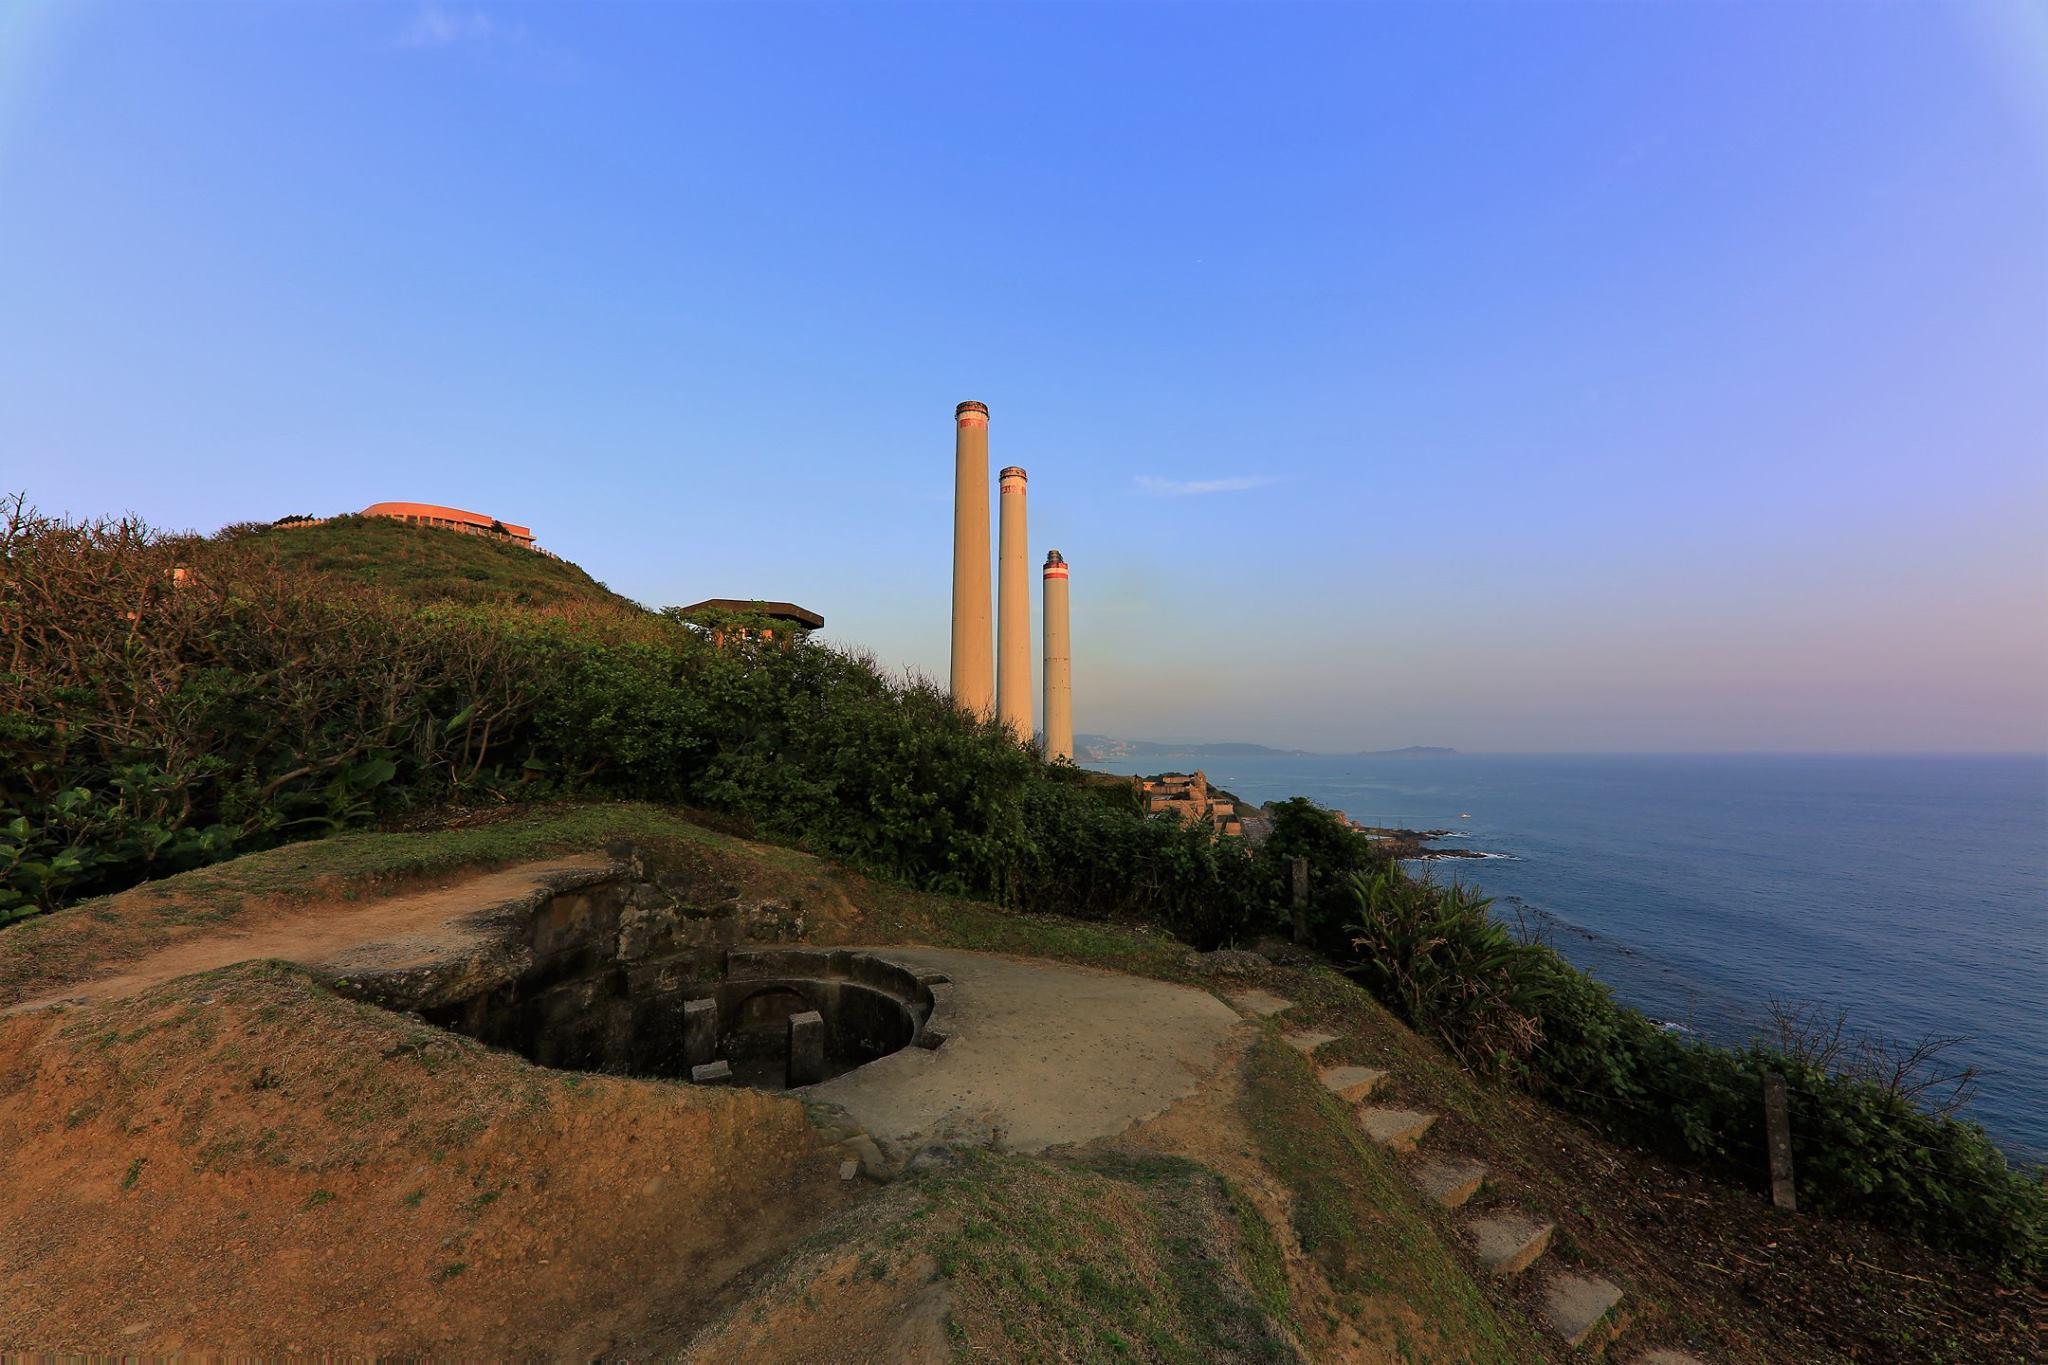 白米甕砲台為國家三級古蹟,可以看到指揮所、四座巨型砲台與觀測台一字排開的樣貌。圖/基隆旅遊網臉書粉絲專頁